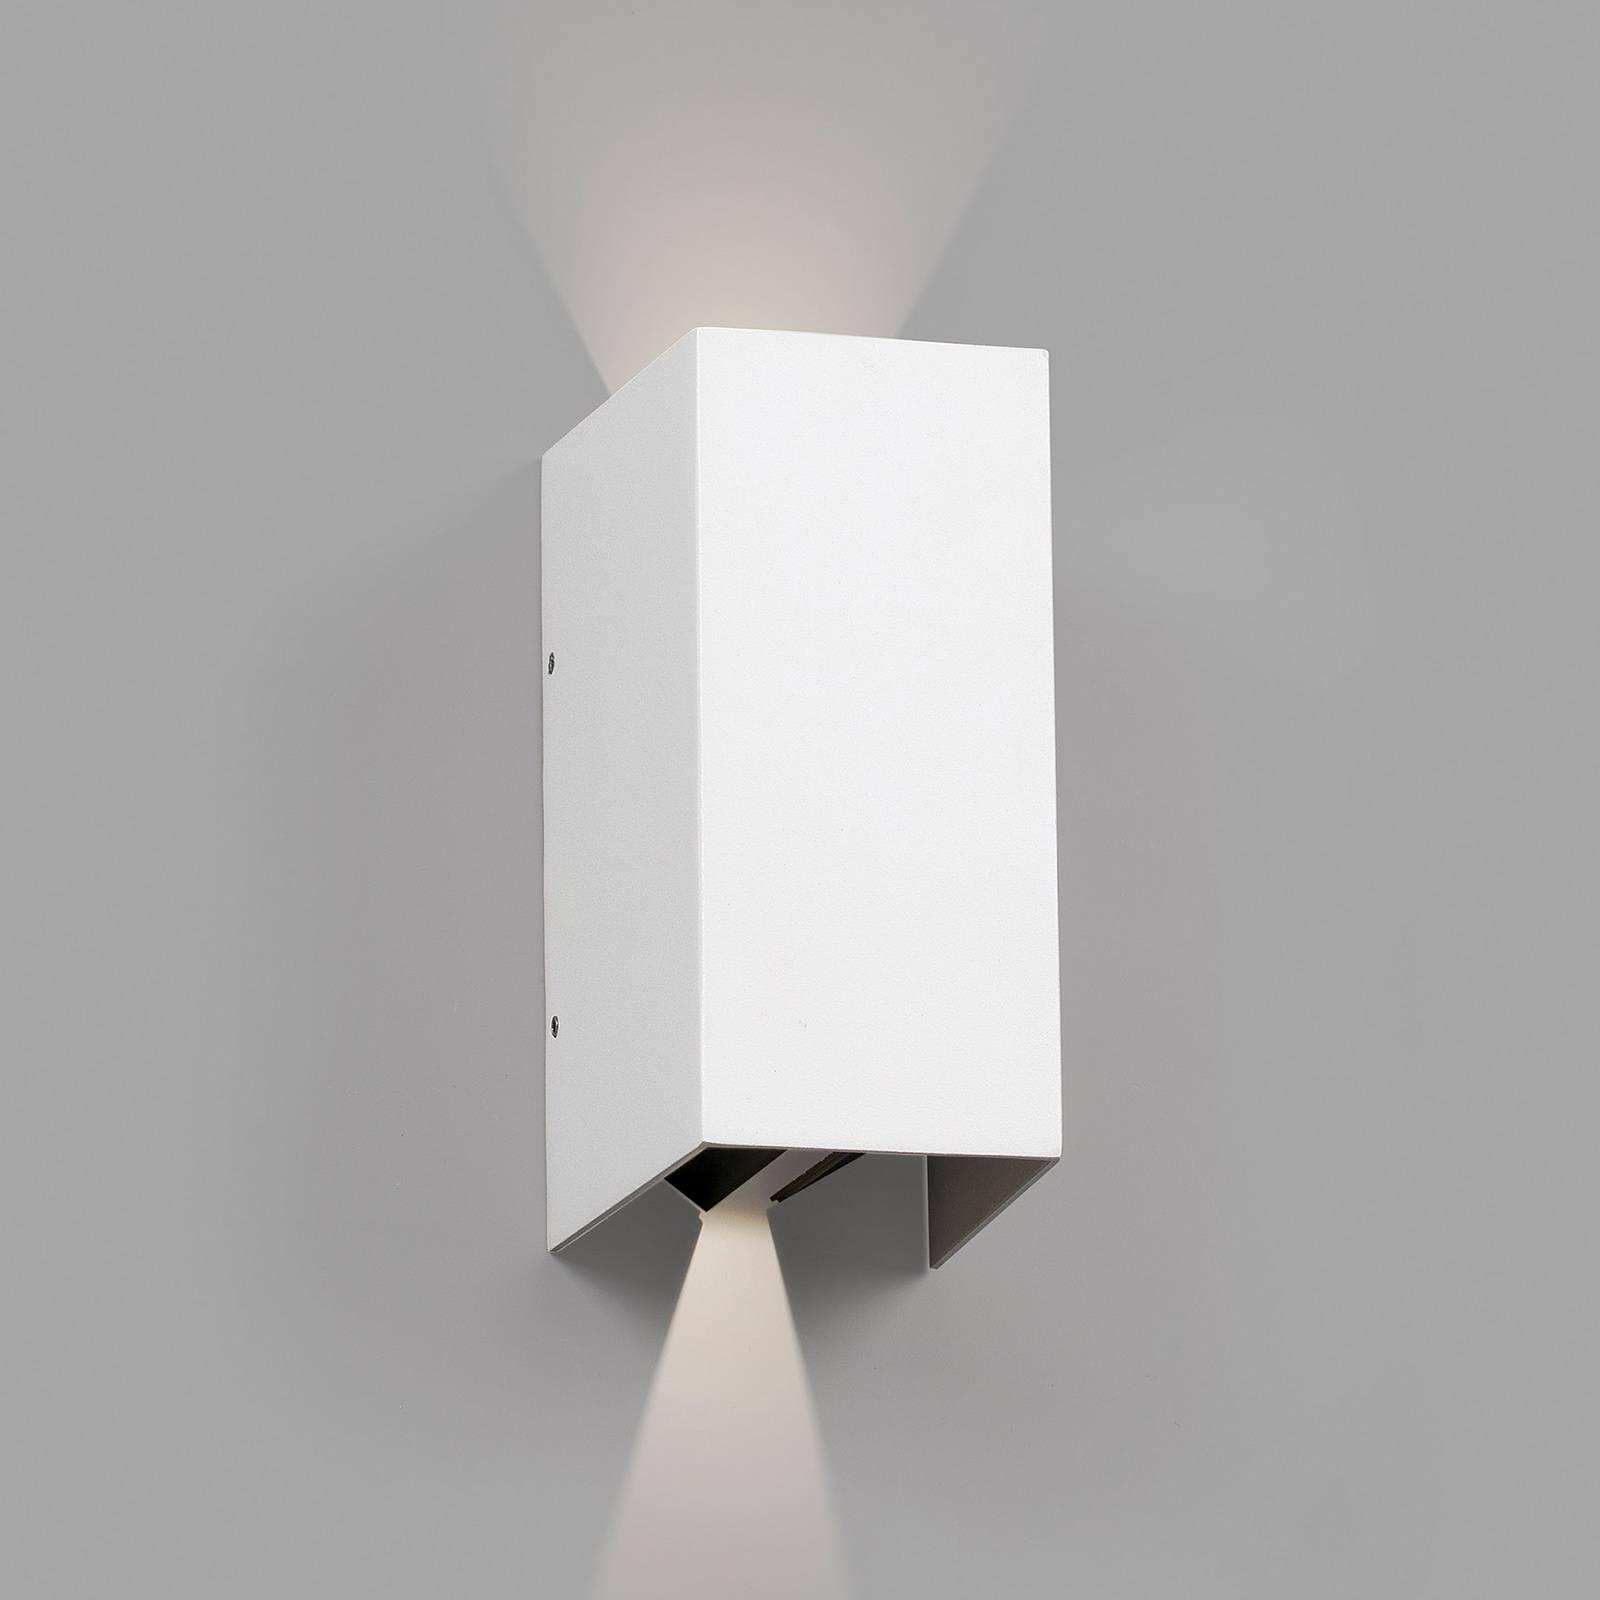 LED buitenwandlamp Blind, wit